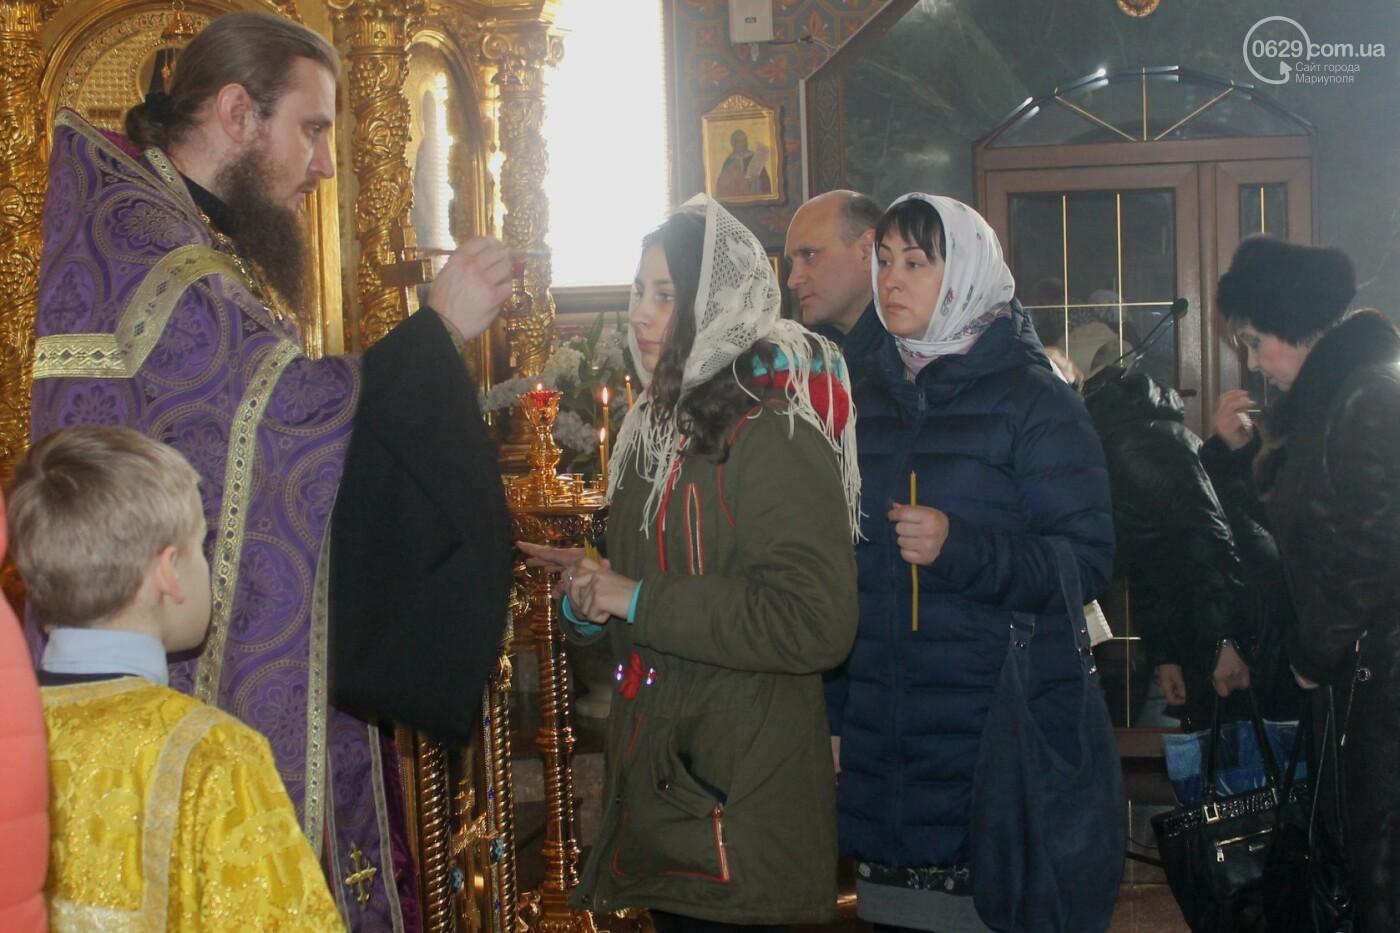 18 февраля в Боевом установят рекорд Украины по выпеканию блинов. Приглашаем на масштабный праздник Масленицы., фото-3